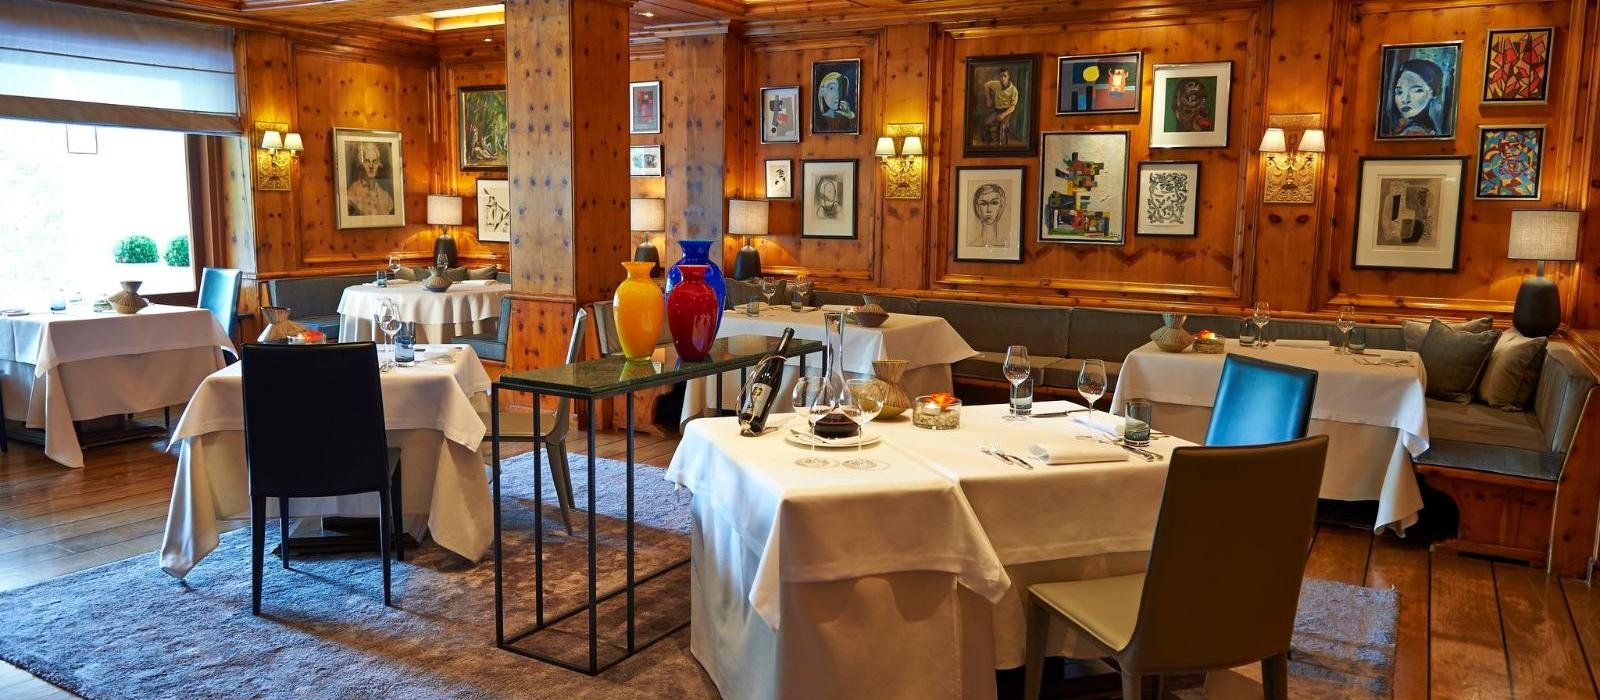 阿尔索夫希洛斯花园酒店(Althoff Hotel am Schlossgarten) 图片  www.lhw.cn